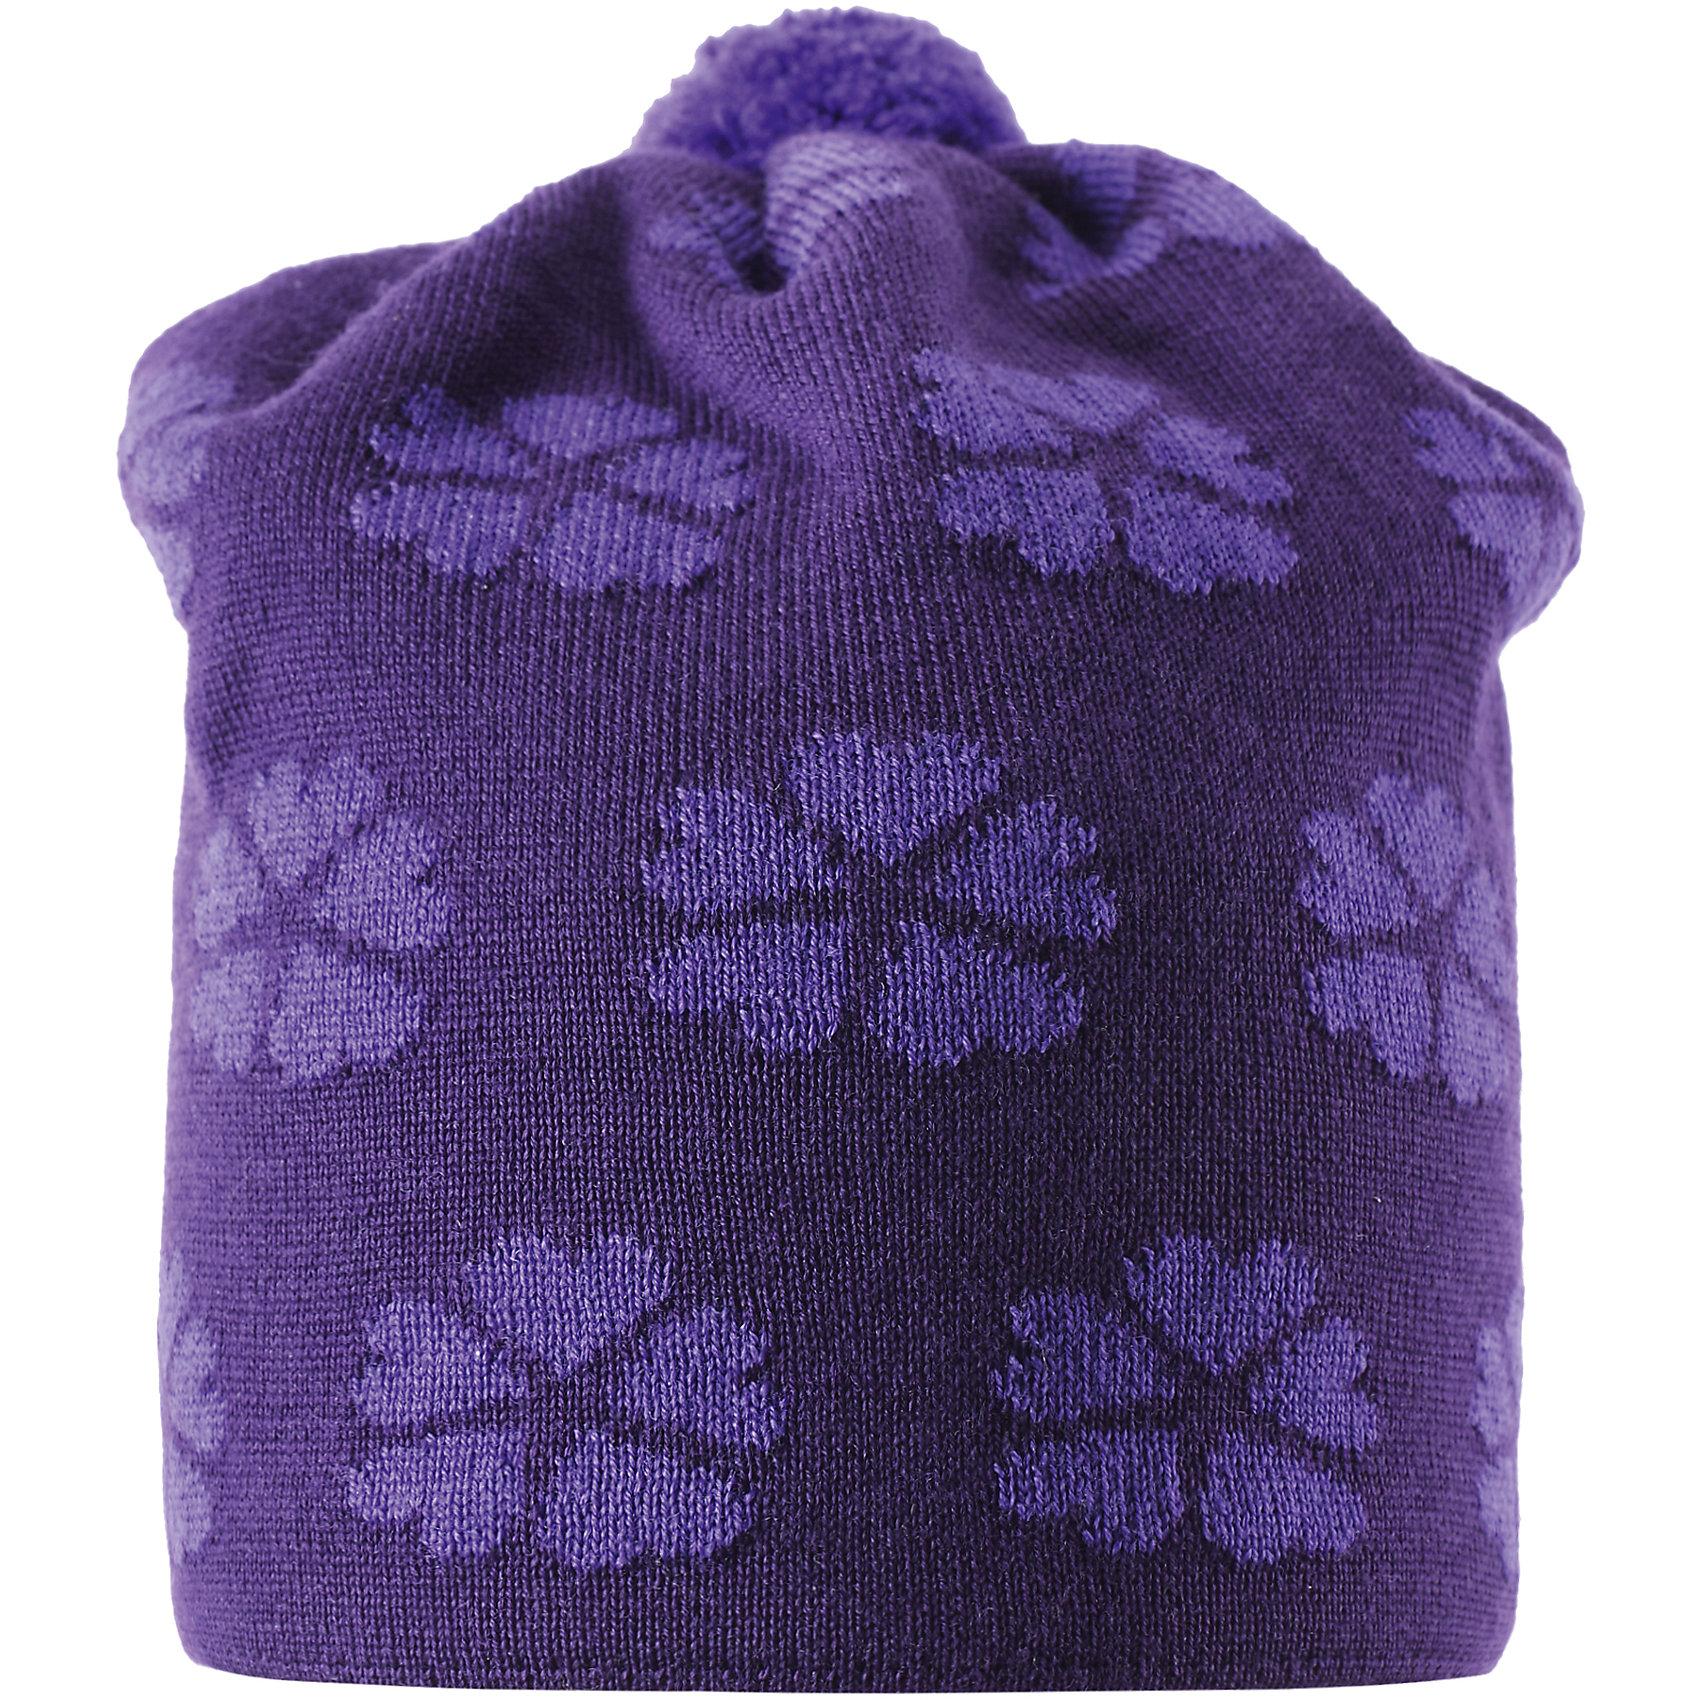 Шапка для девочки ReimaШапки и шарфы<br>Оставайся стильным и не мёрзни! Эта красивая шерстяная шапочка-бини с симпатичным цветочным узором для детей связана из супер тёплой шерсти и имеет мягкую удобную хлопчатобумажную вязанную подкладку. Ветронепроницаемые вставки в области ушей обеспечат максимальную защиту от зимних сквозняков и ветра. Готовы повеселиться на улице?<br><br>Дополнительная информация:<br><br>Зимняя шапочка-бини, модель для девочек<br>Тёплая шерстяная вязка<br>Мягкая хлопчатобумажная вязаная подкладка<br>Ветронепроницаемые вставки в области ушей<br>Жаккардовый цветочный узор<br>Материал: 100% шерсть<br><br>Шапку для девочки Reima (Рейма) можно купить в нашем магазине.<br><br>Ширина мм: 89<br>Глубина мм: 117<br>Высота мм: 44<br>Вес г: 155<br>Цвет: фиолетовый<br>Возраст от месяцев: 60<br>Возраст до месяцев: 72<br>Пол: Женский<br>Возраст: Детский<br>Размер: 52,54,56,50<br>SKU: 4417128